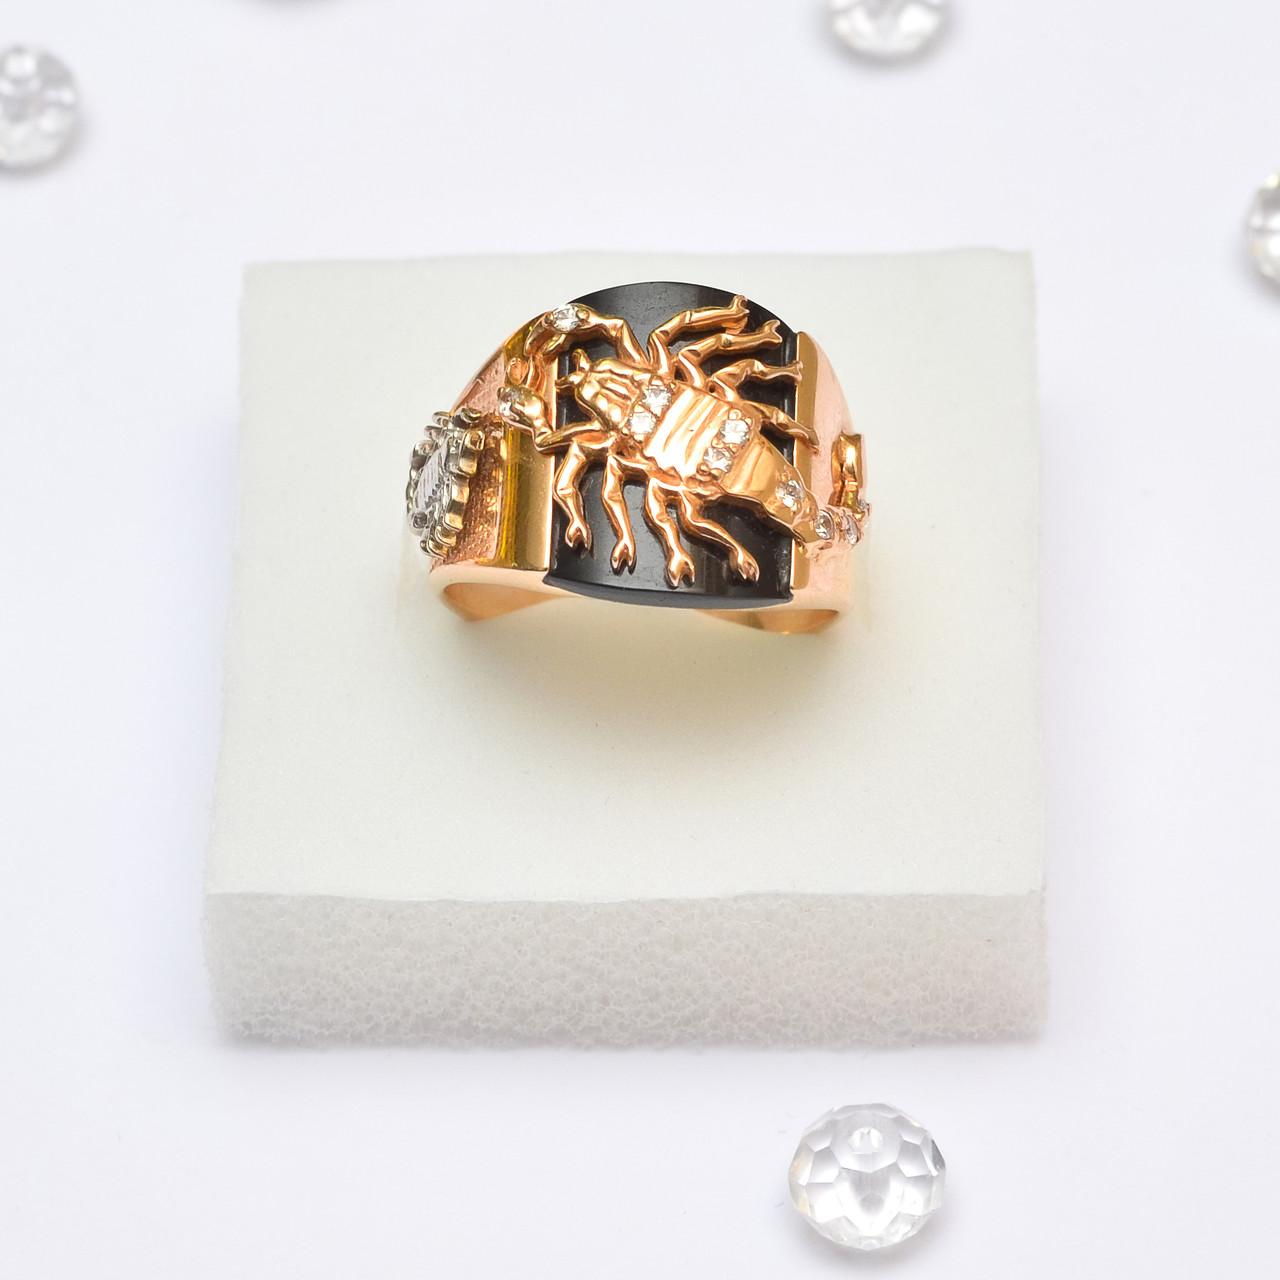 Эксклюзивная Золотоая печатка 83490